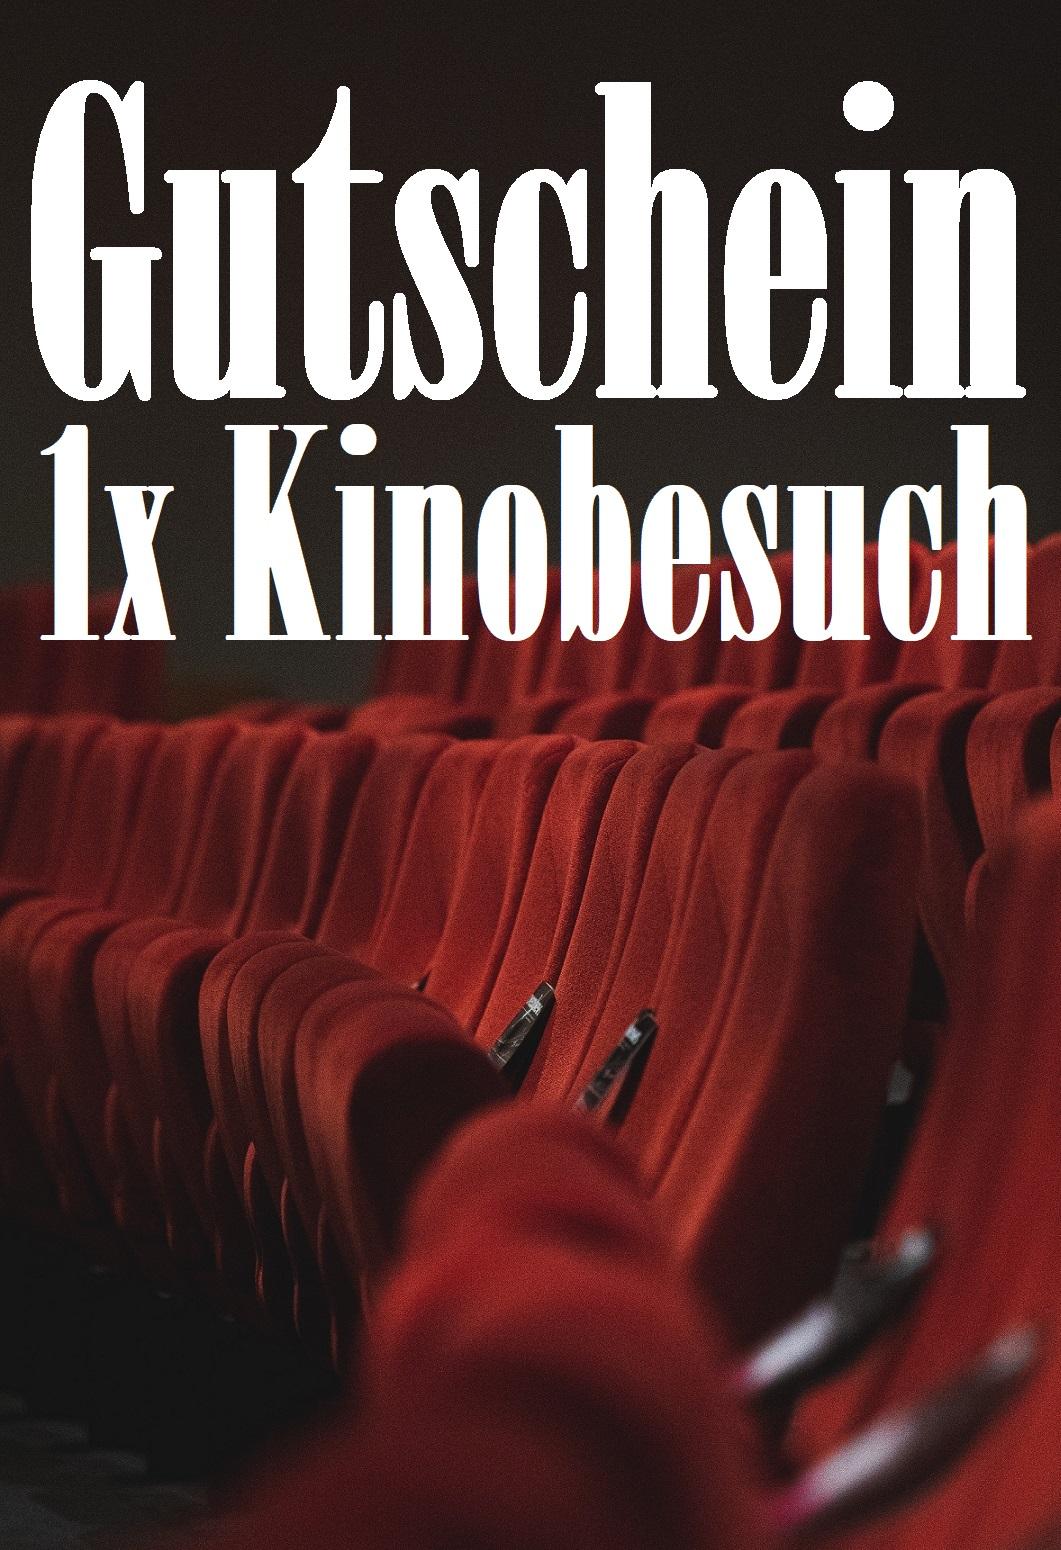 Ausdrucken kino gutscheine vorlagen kostenlos Kinogutschein Vorlage